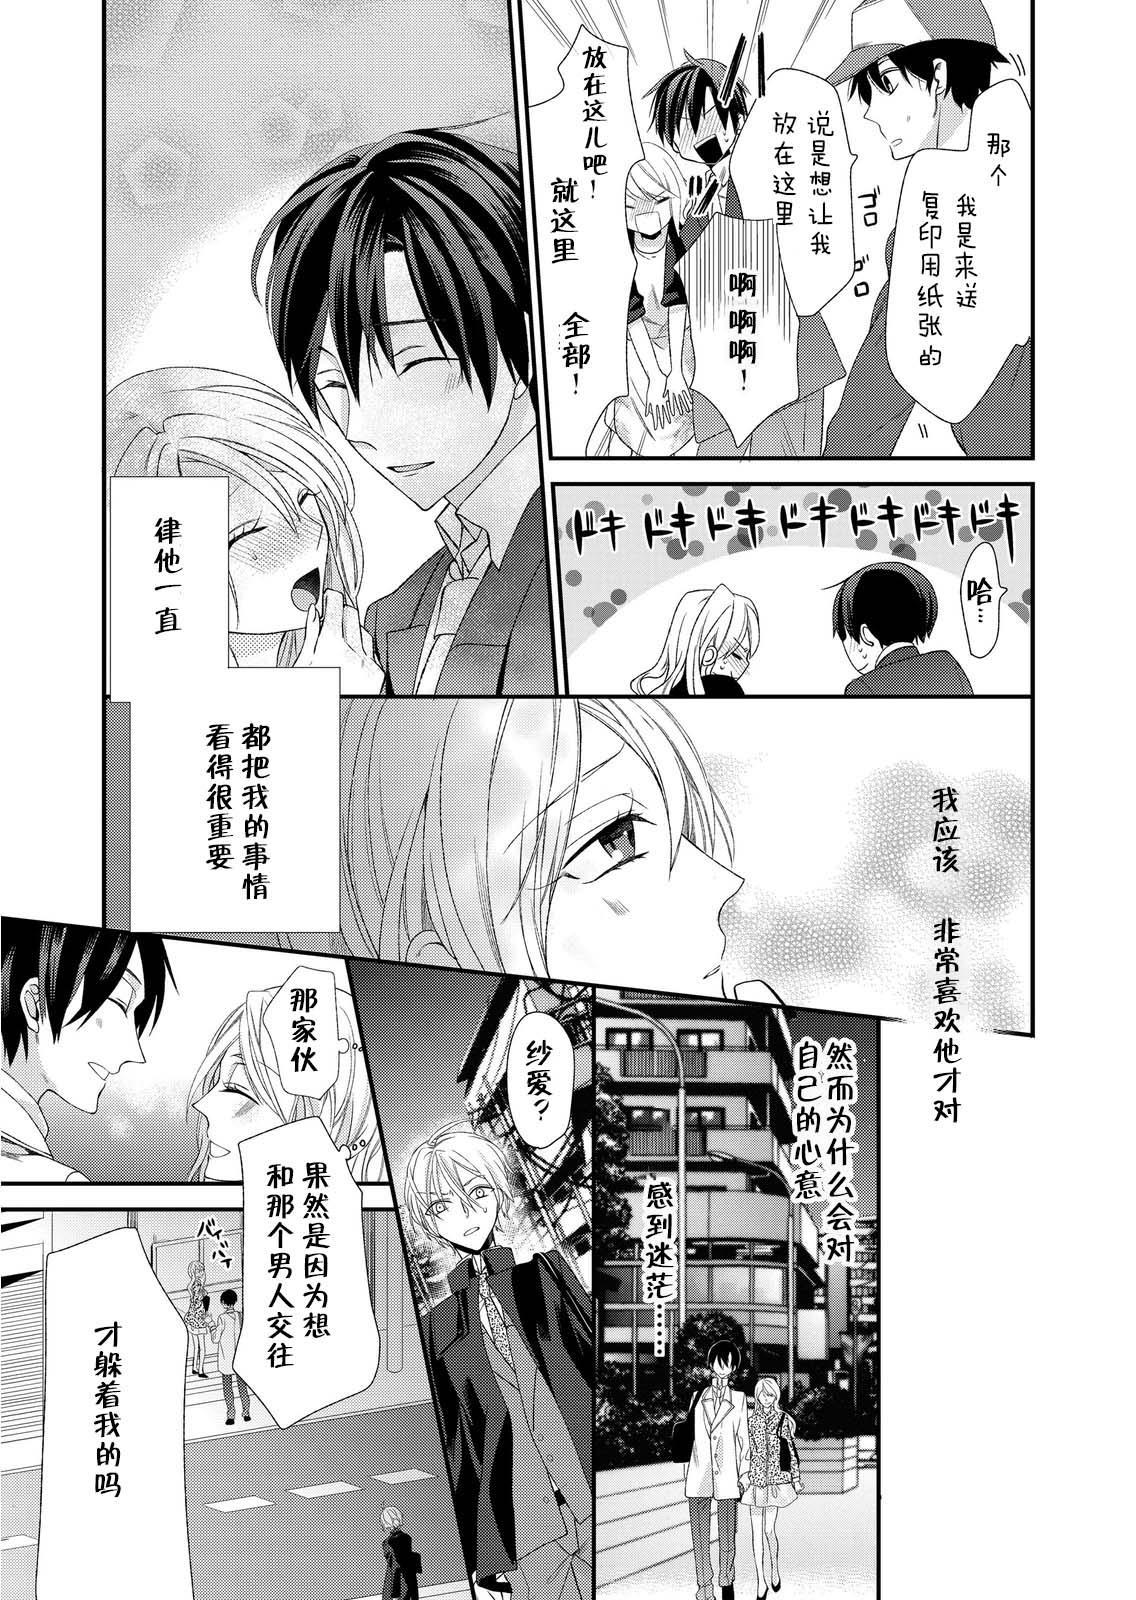 Kioku Sousitsu!? Watashi no Kareshi ha Docchi? Karada de Tameshite・・・ | 失忆!?我的男朋友到底是谁?用身体来确认…Ch. 1-2 48